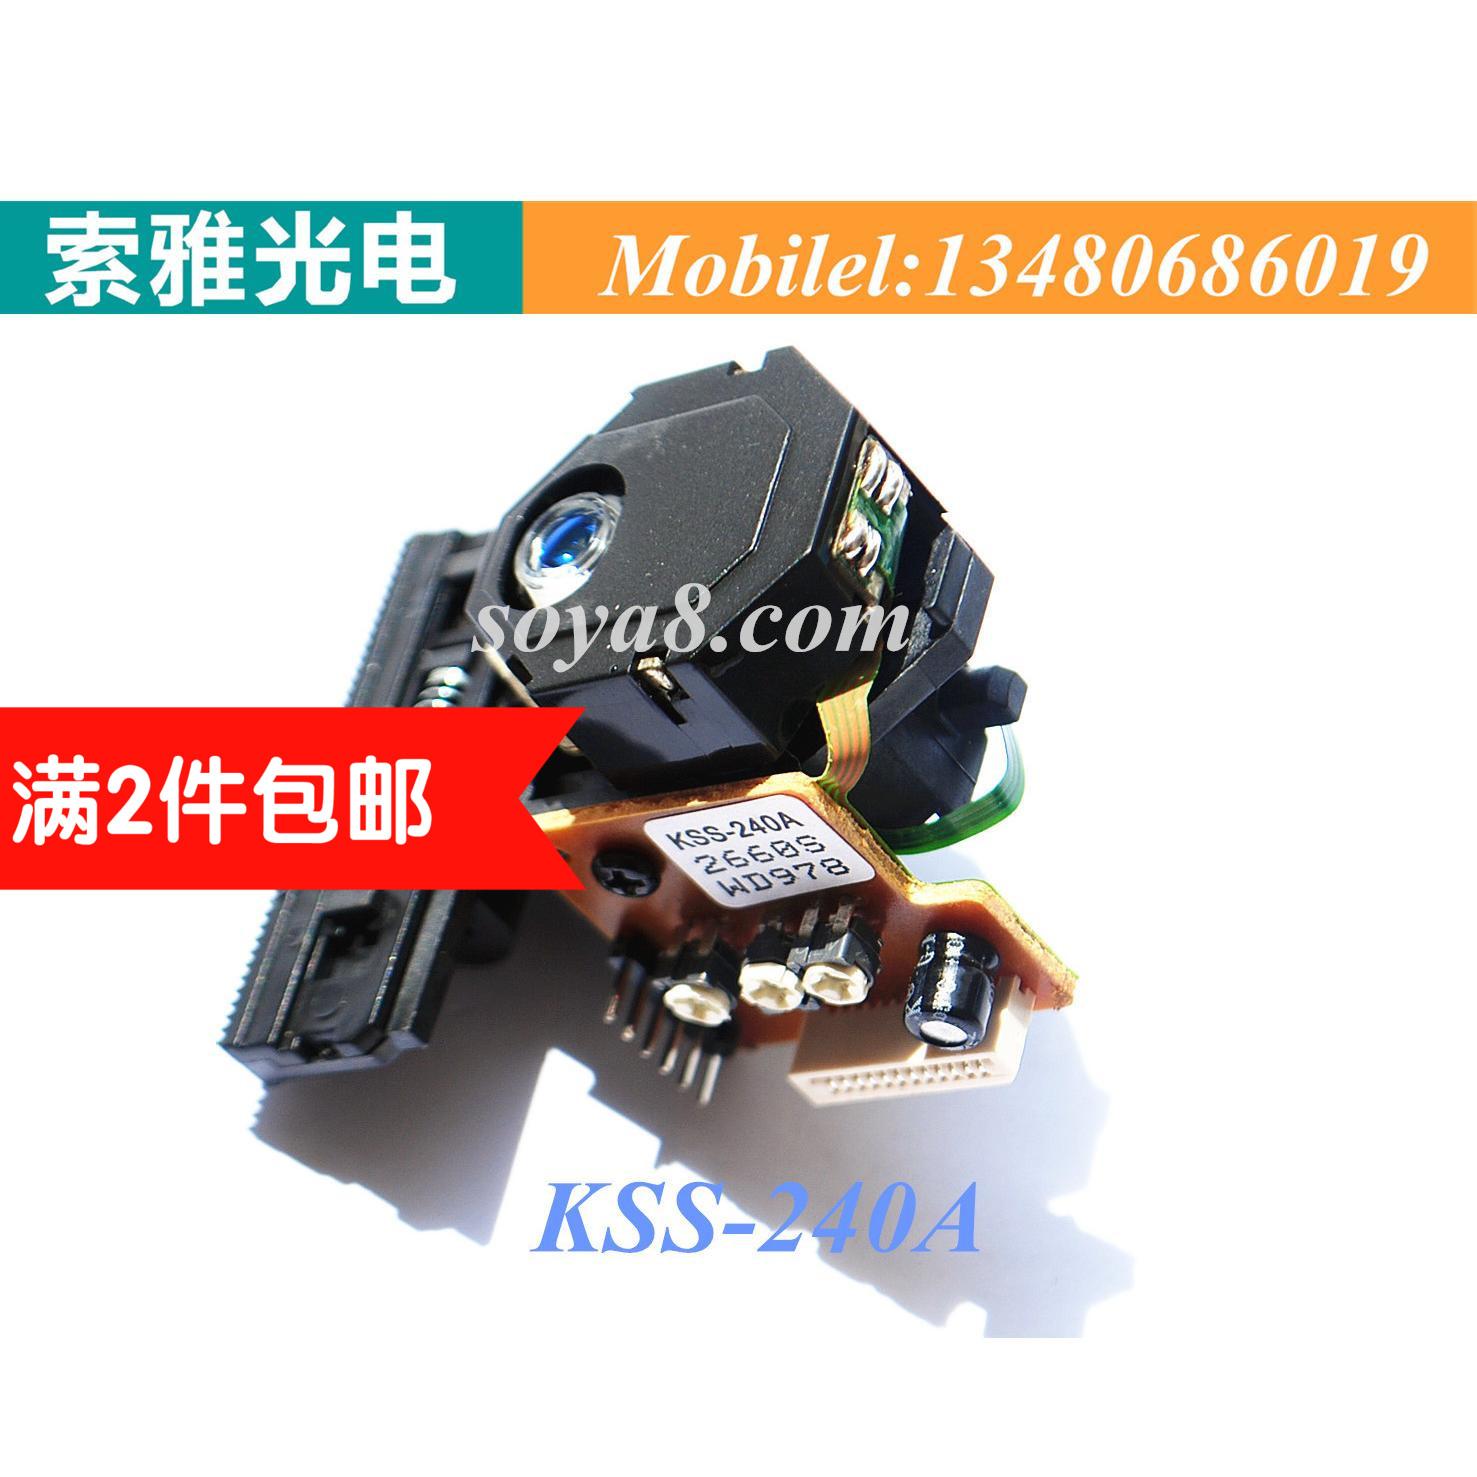 (2 белый пакет ) совершенно новый сделано в китае sony CD лазер глава KSS-240A хорошие качества CD бритоголовый гарантия